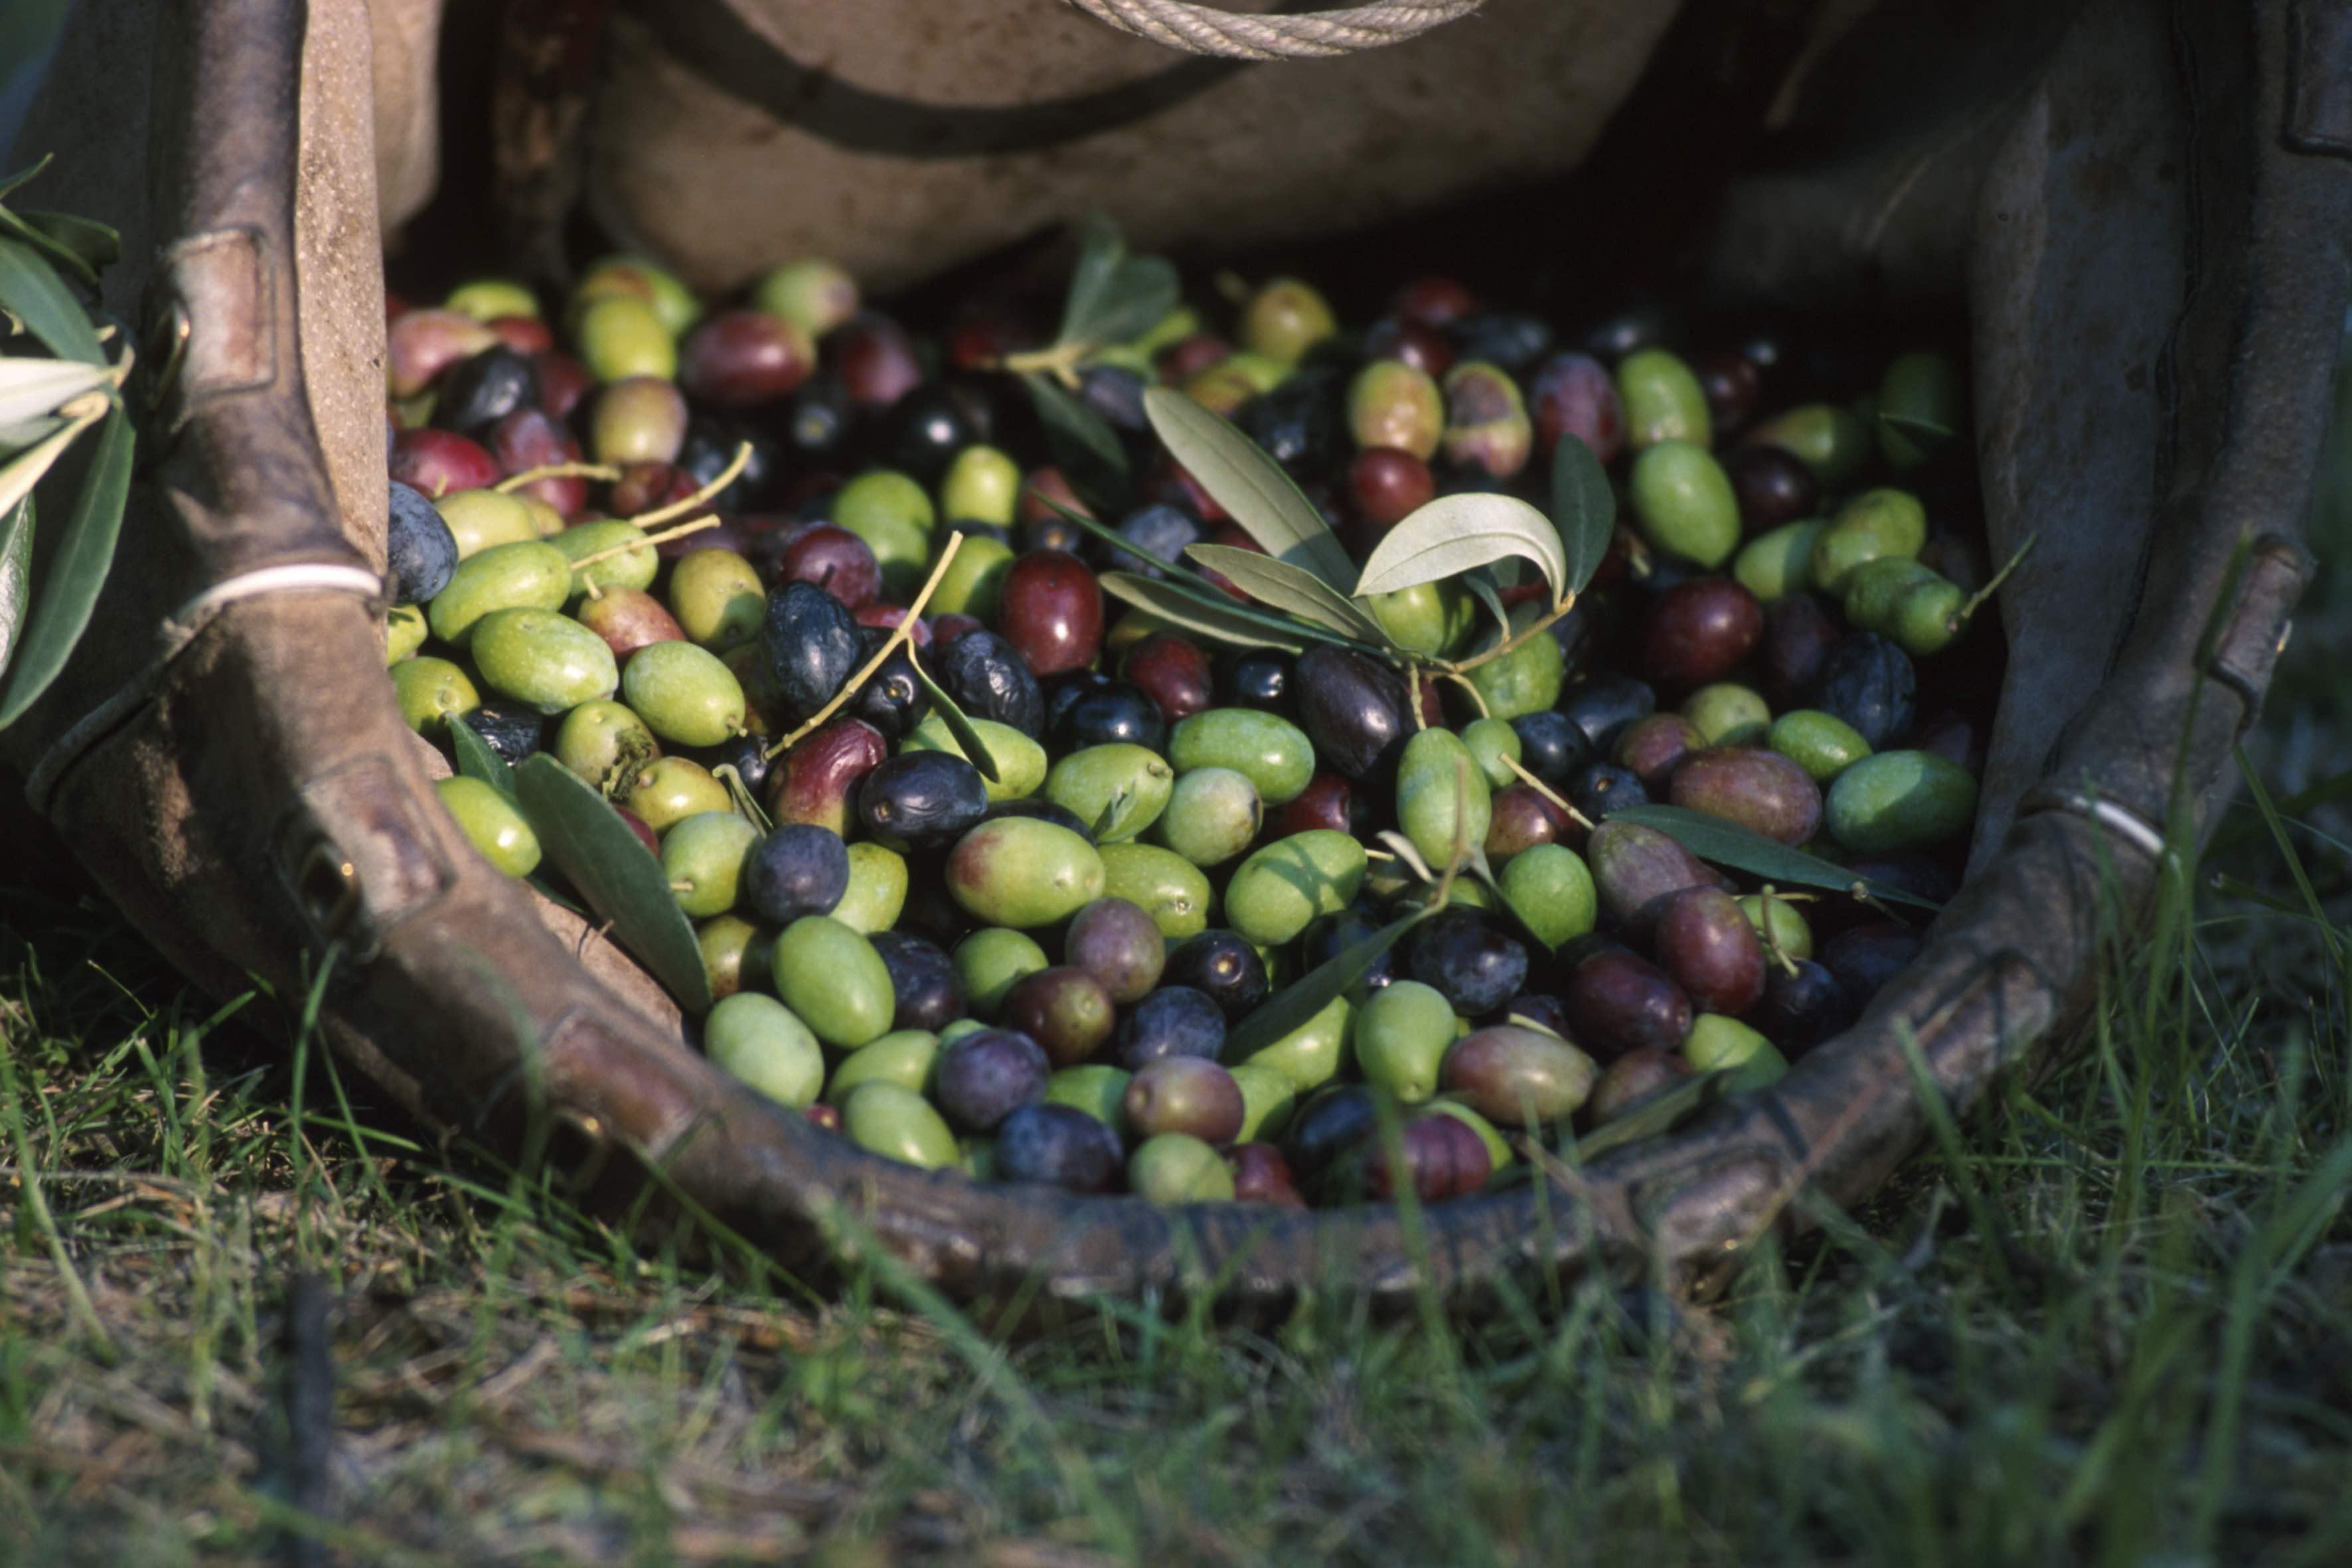 Trattamento Legno Per Uso Alimentare taglieri in legno d'olivo, in faggio, frassino e bambù